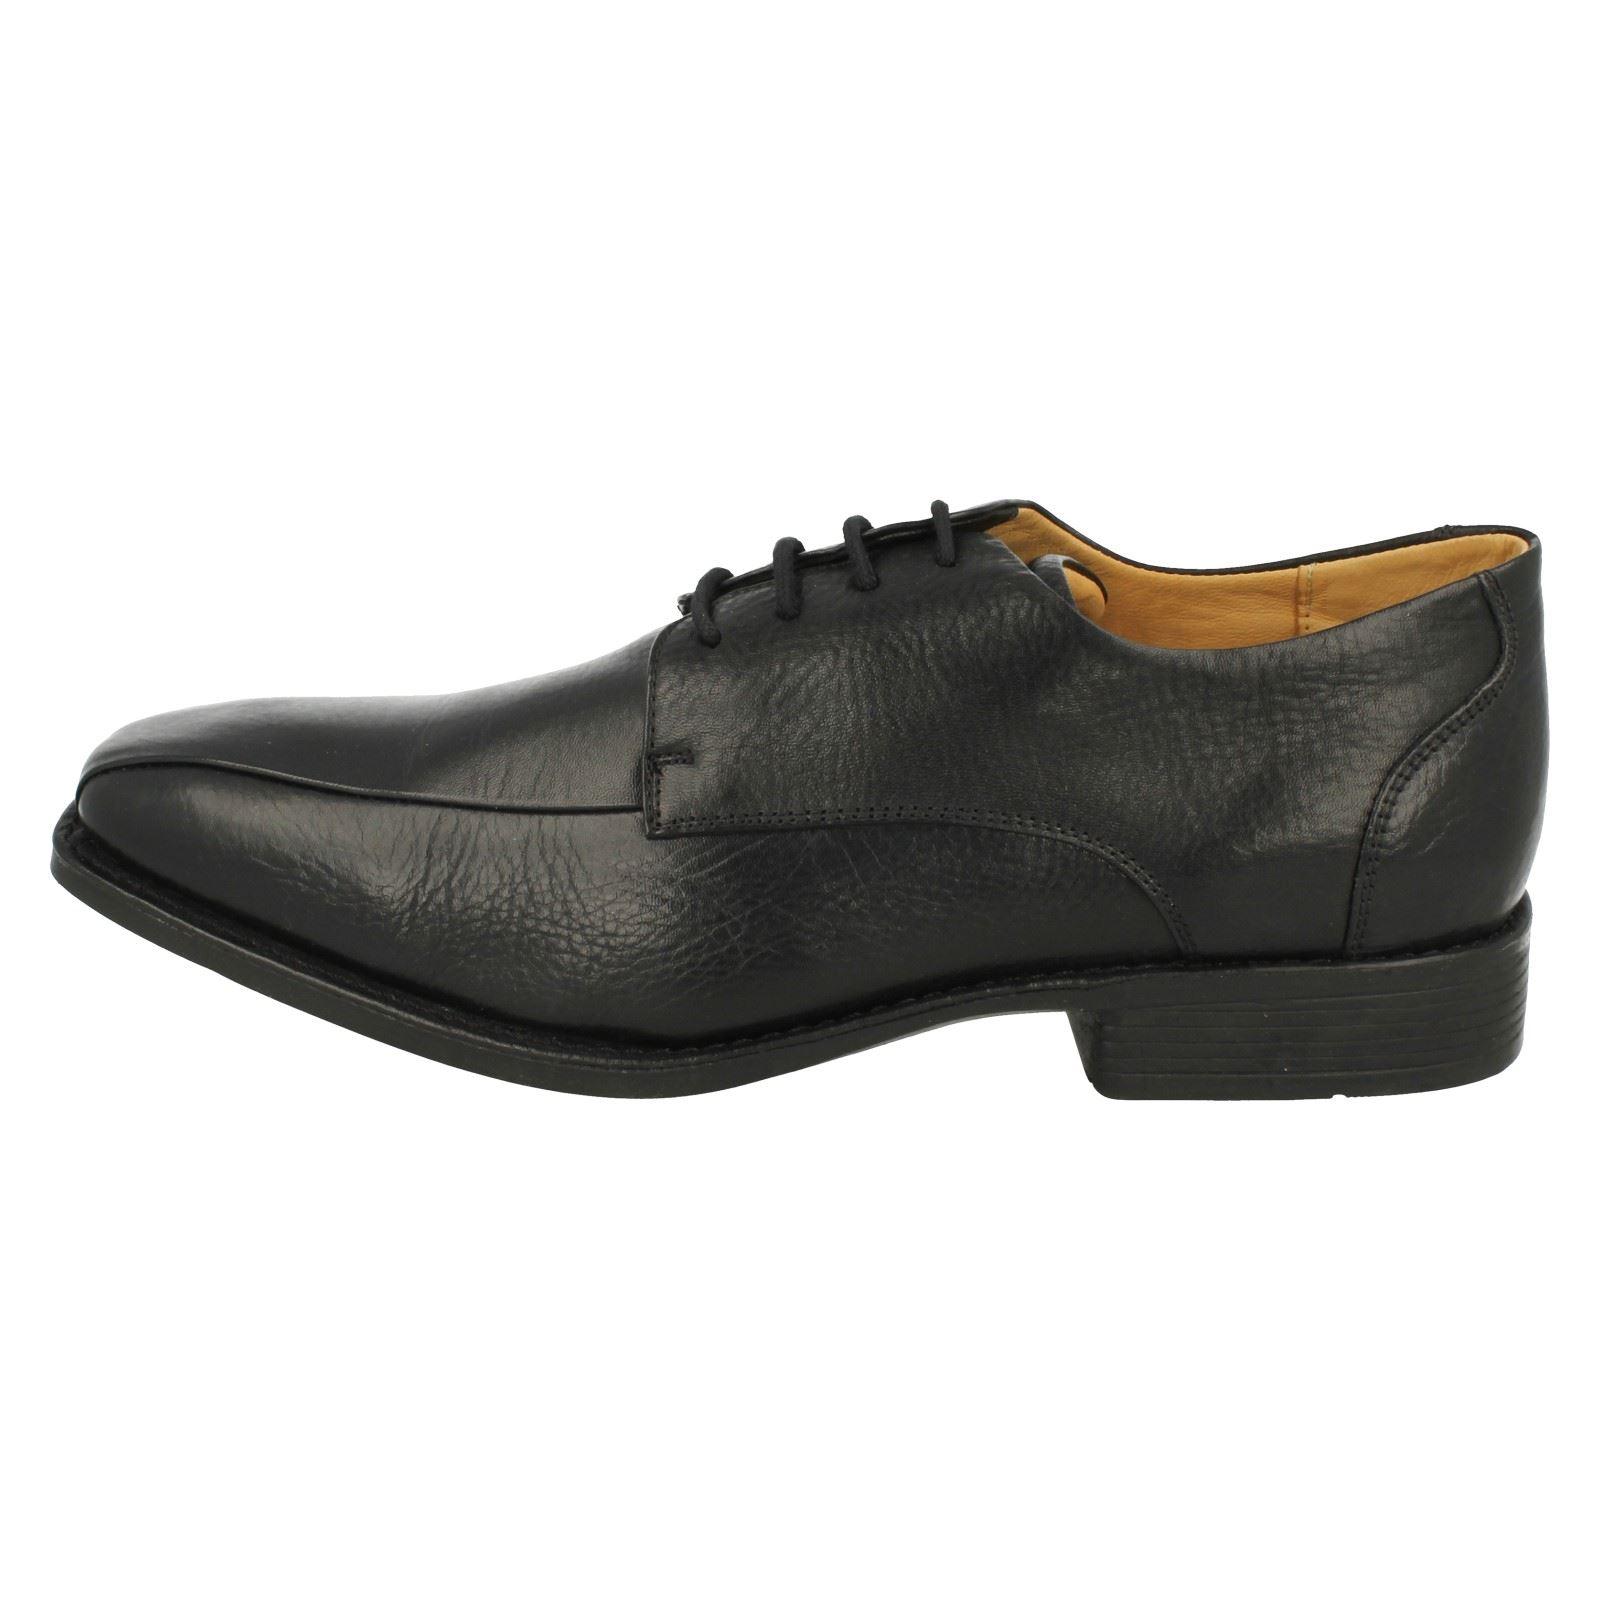 Mens Anatomic Anatomic Anatomic Formal Lace Up Shoes New Bonito 9b3b5a